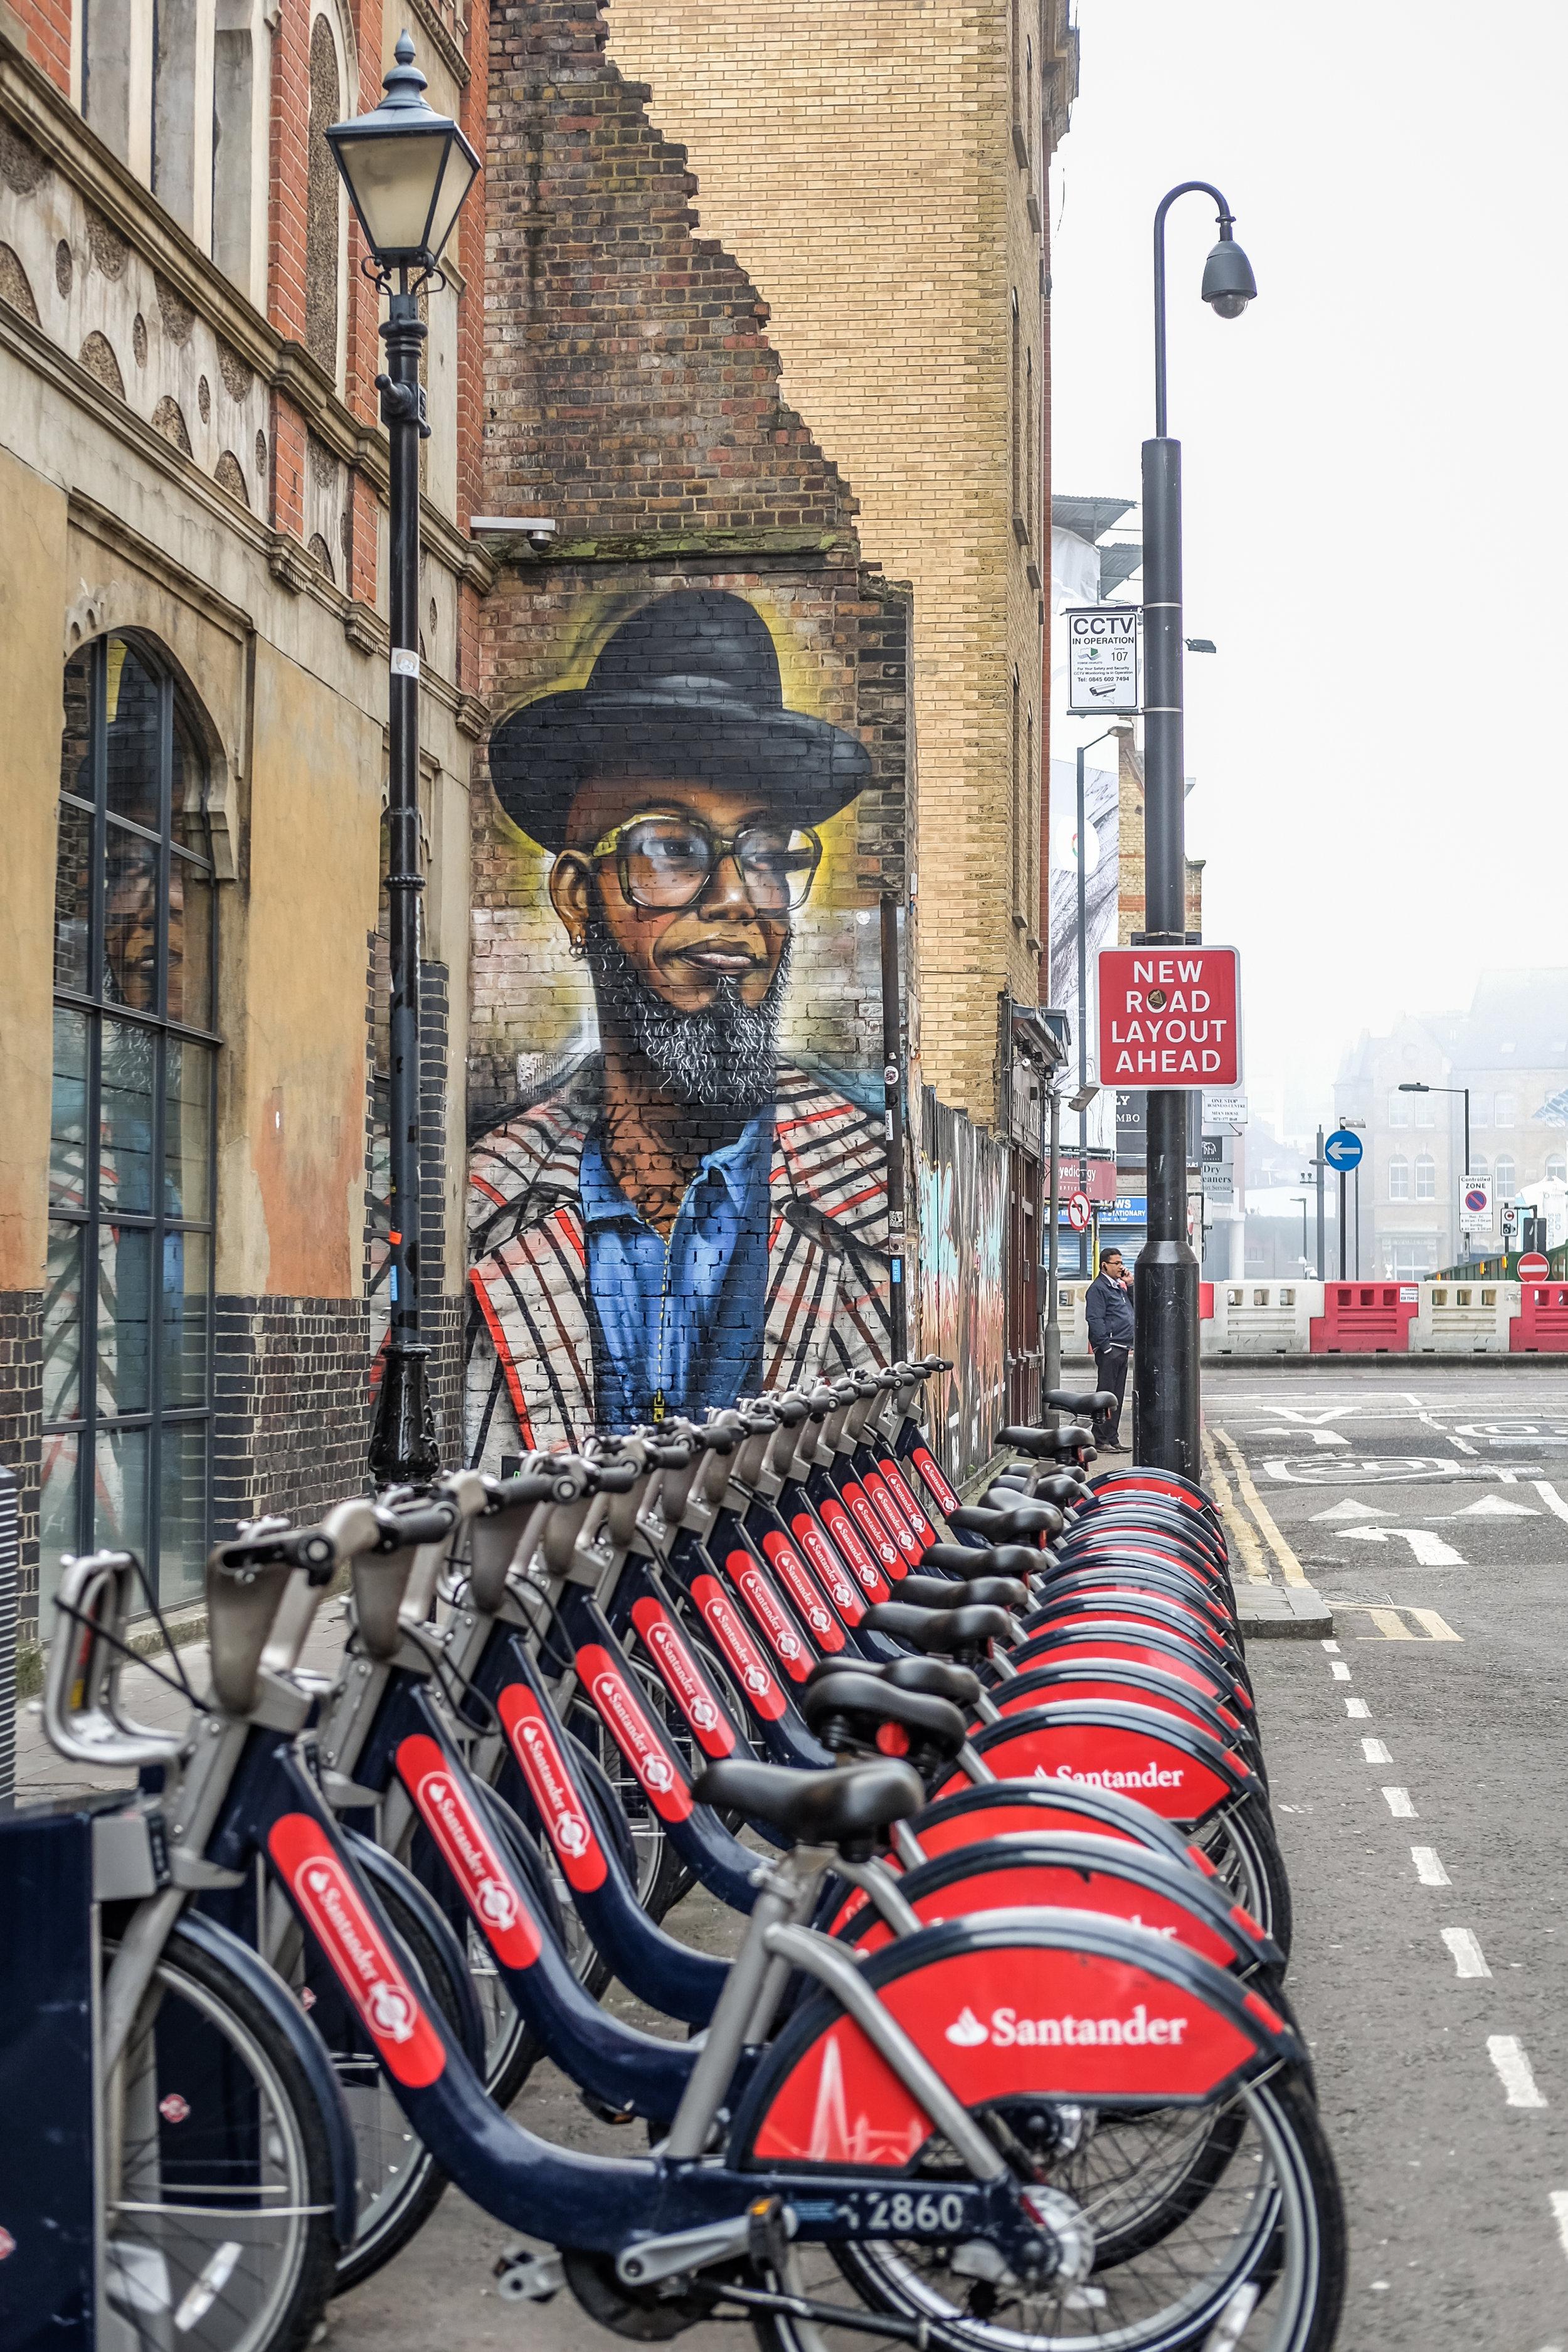 Mural near Spitalfield